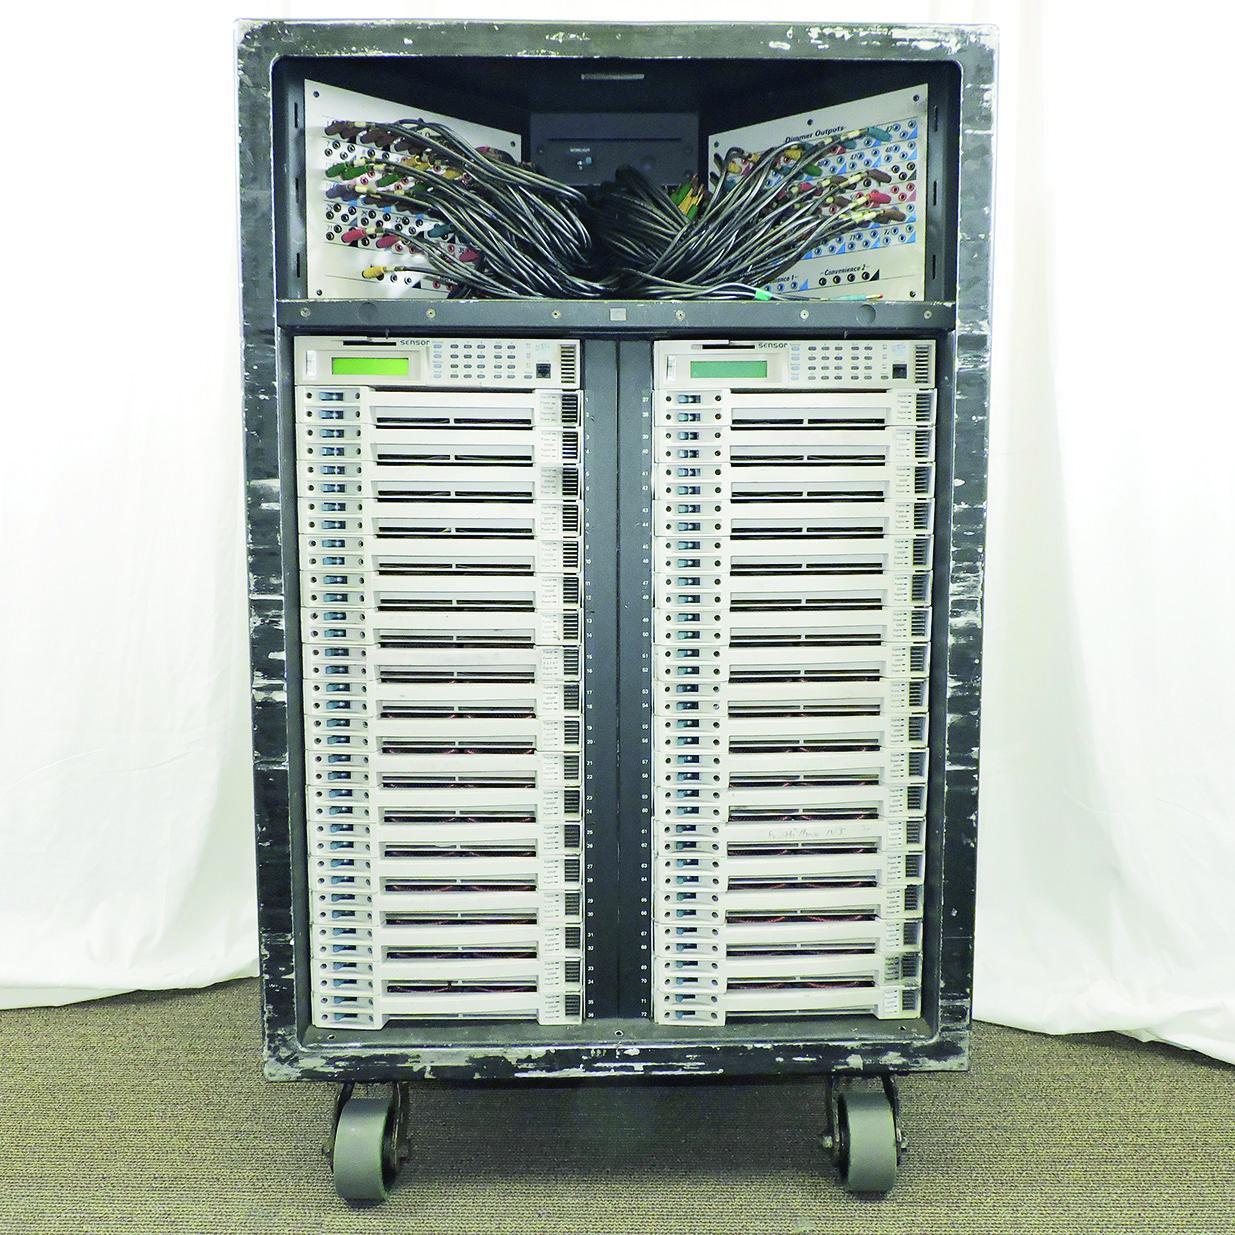 PRG Proshop - ETC Sensor Touring Dimmer Rack 72 x 2 4K